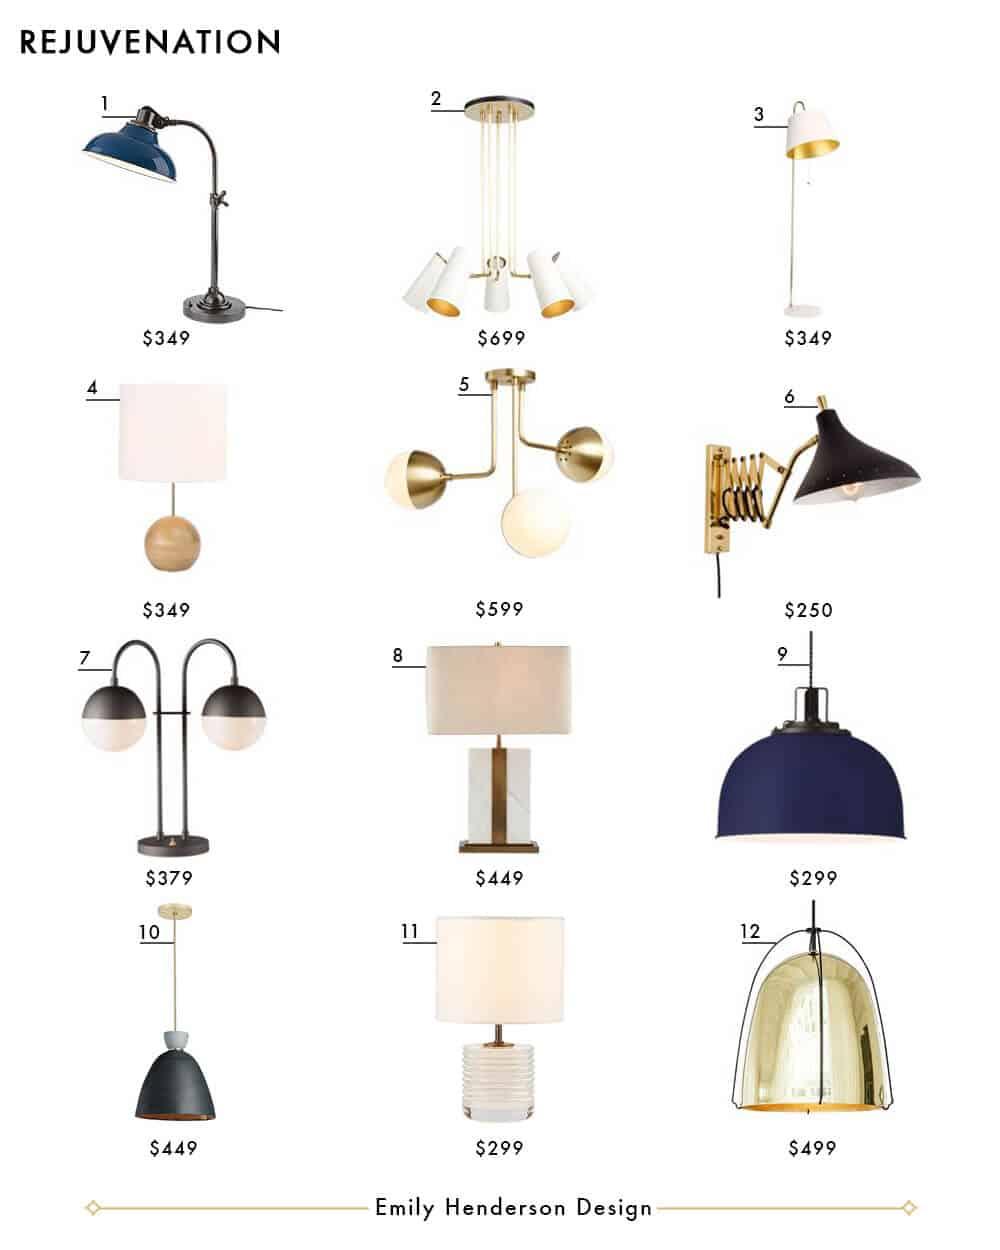 Rejuvenation Emily Henderson Design Lighting Roundup